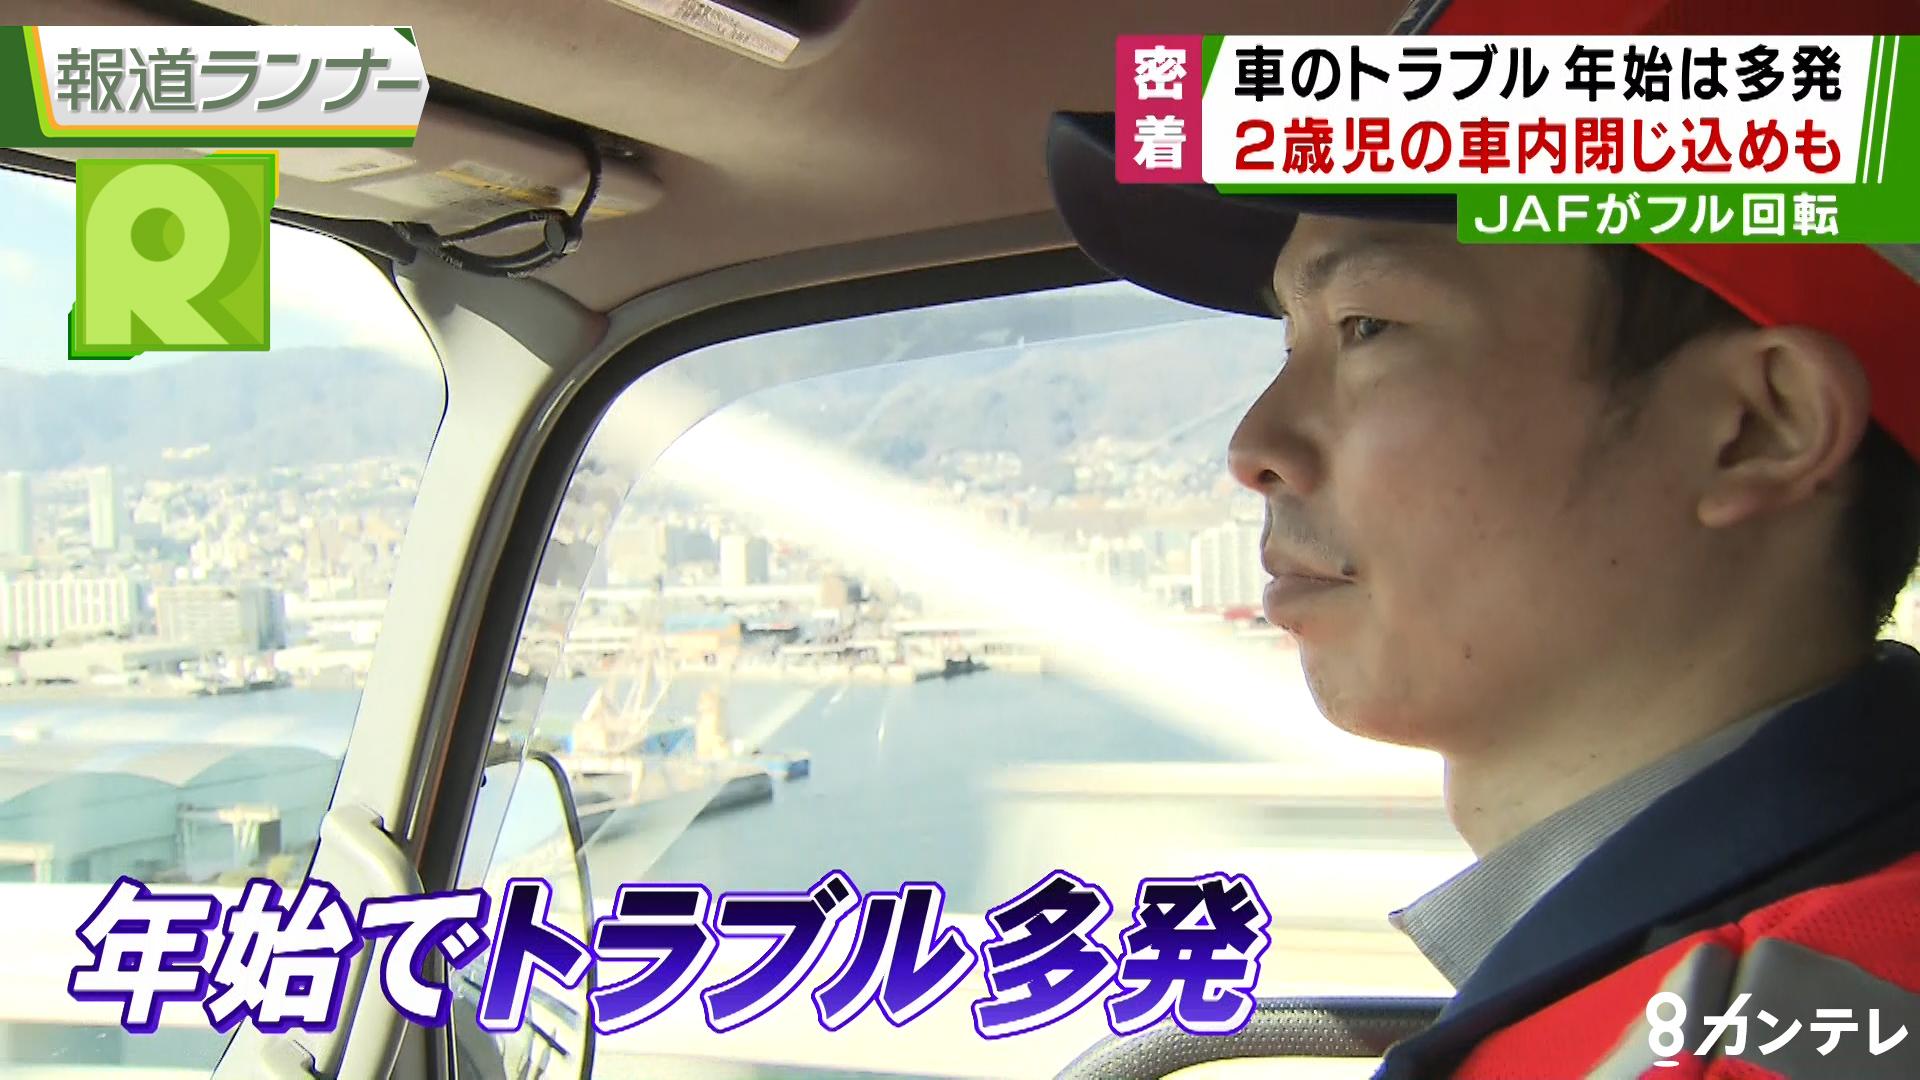 【特集】年始は「車のトラブル」も多発!フル稼働のJAF隊員に密着取材!